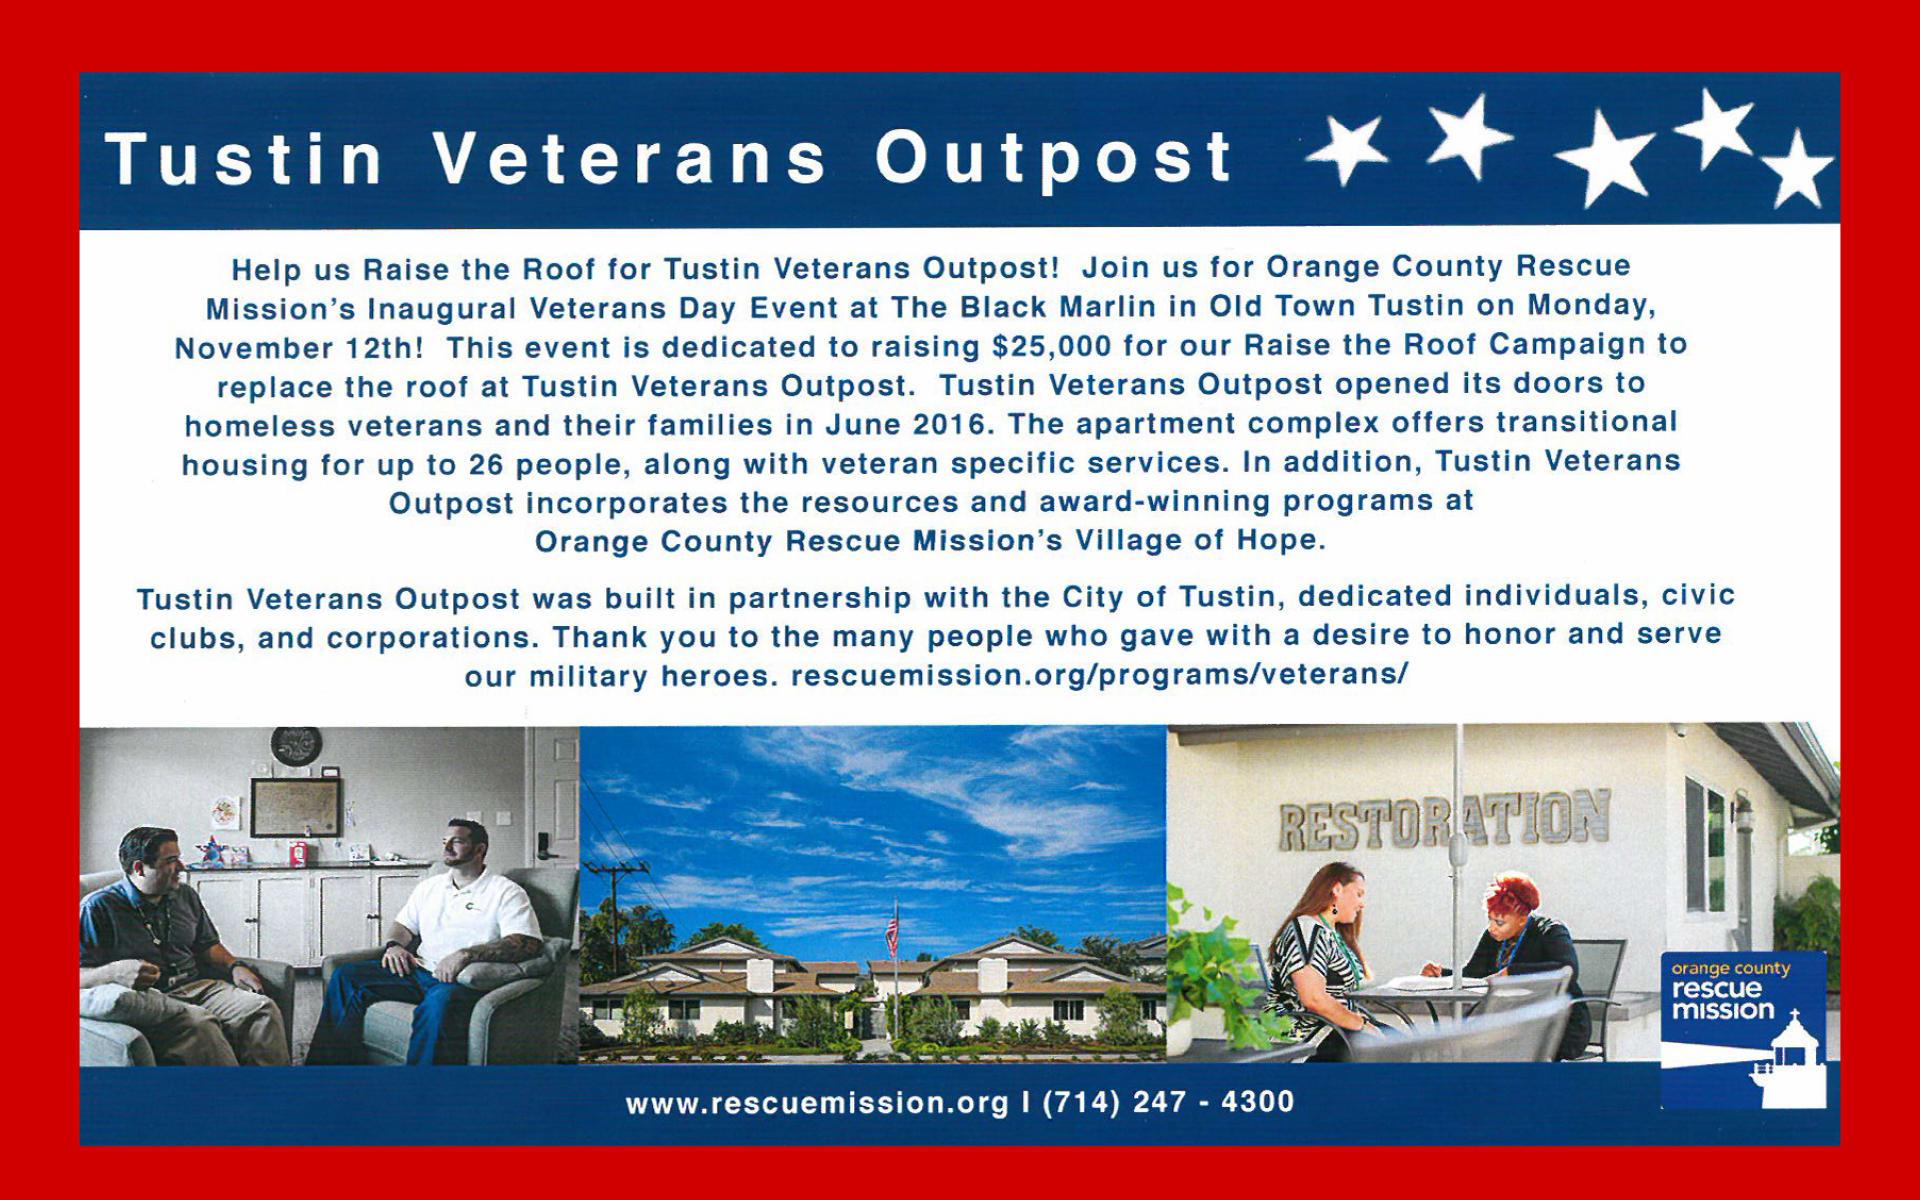 NOV 12 | Veteran's Day Event